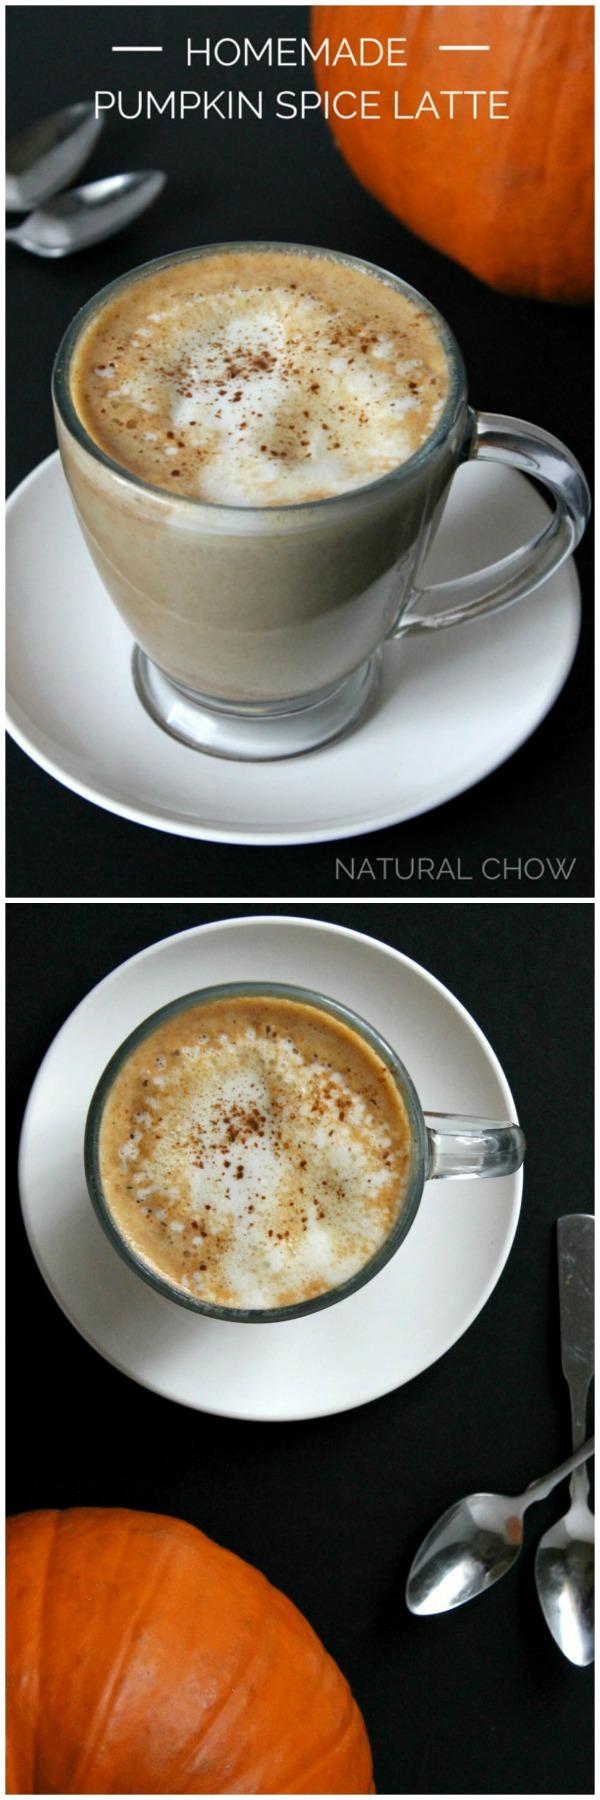 Homemade Pumpkin Spice Latte | Natural Chow | http://naturalchow.com